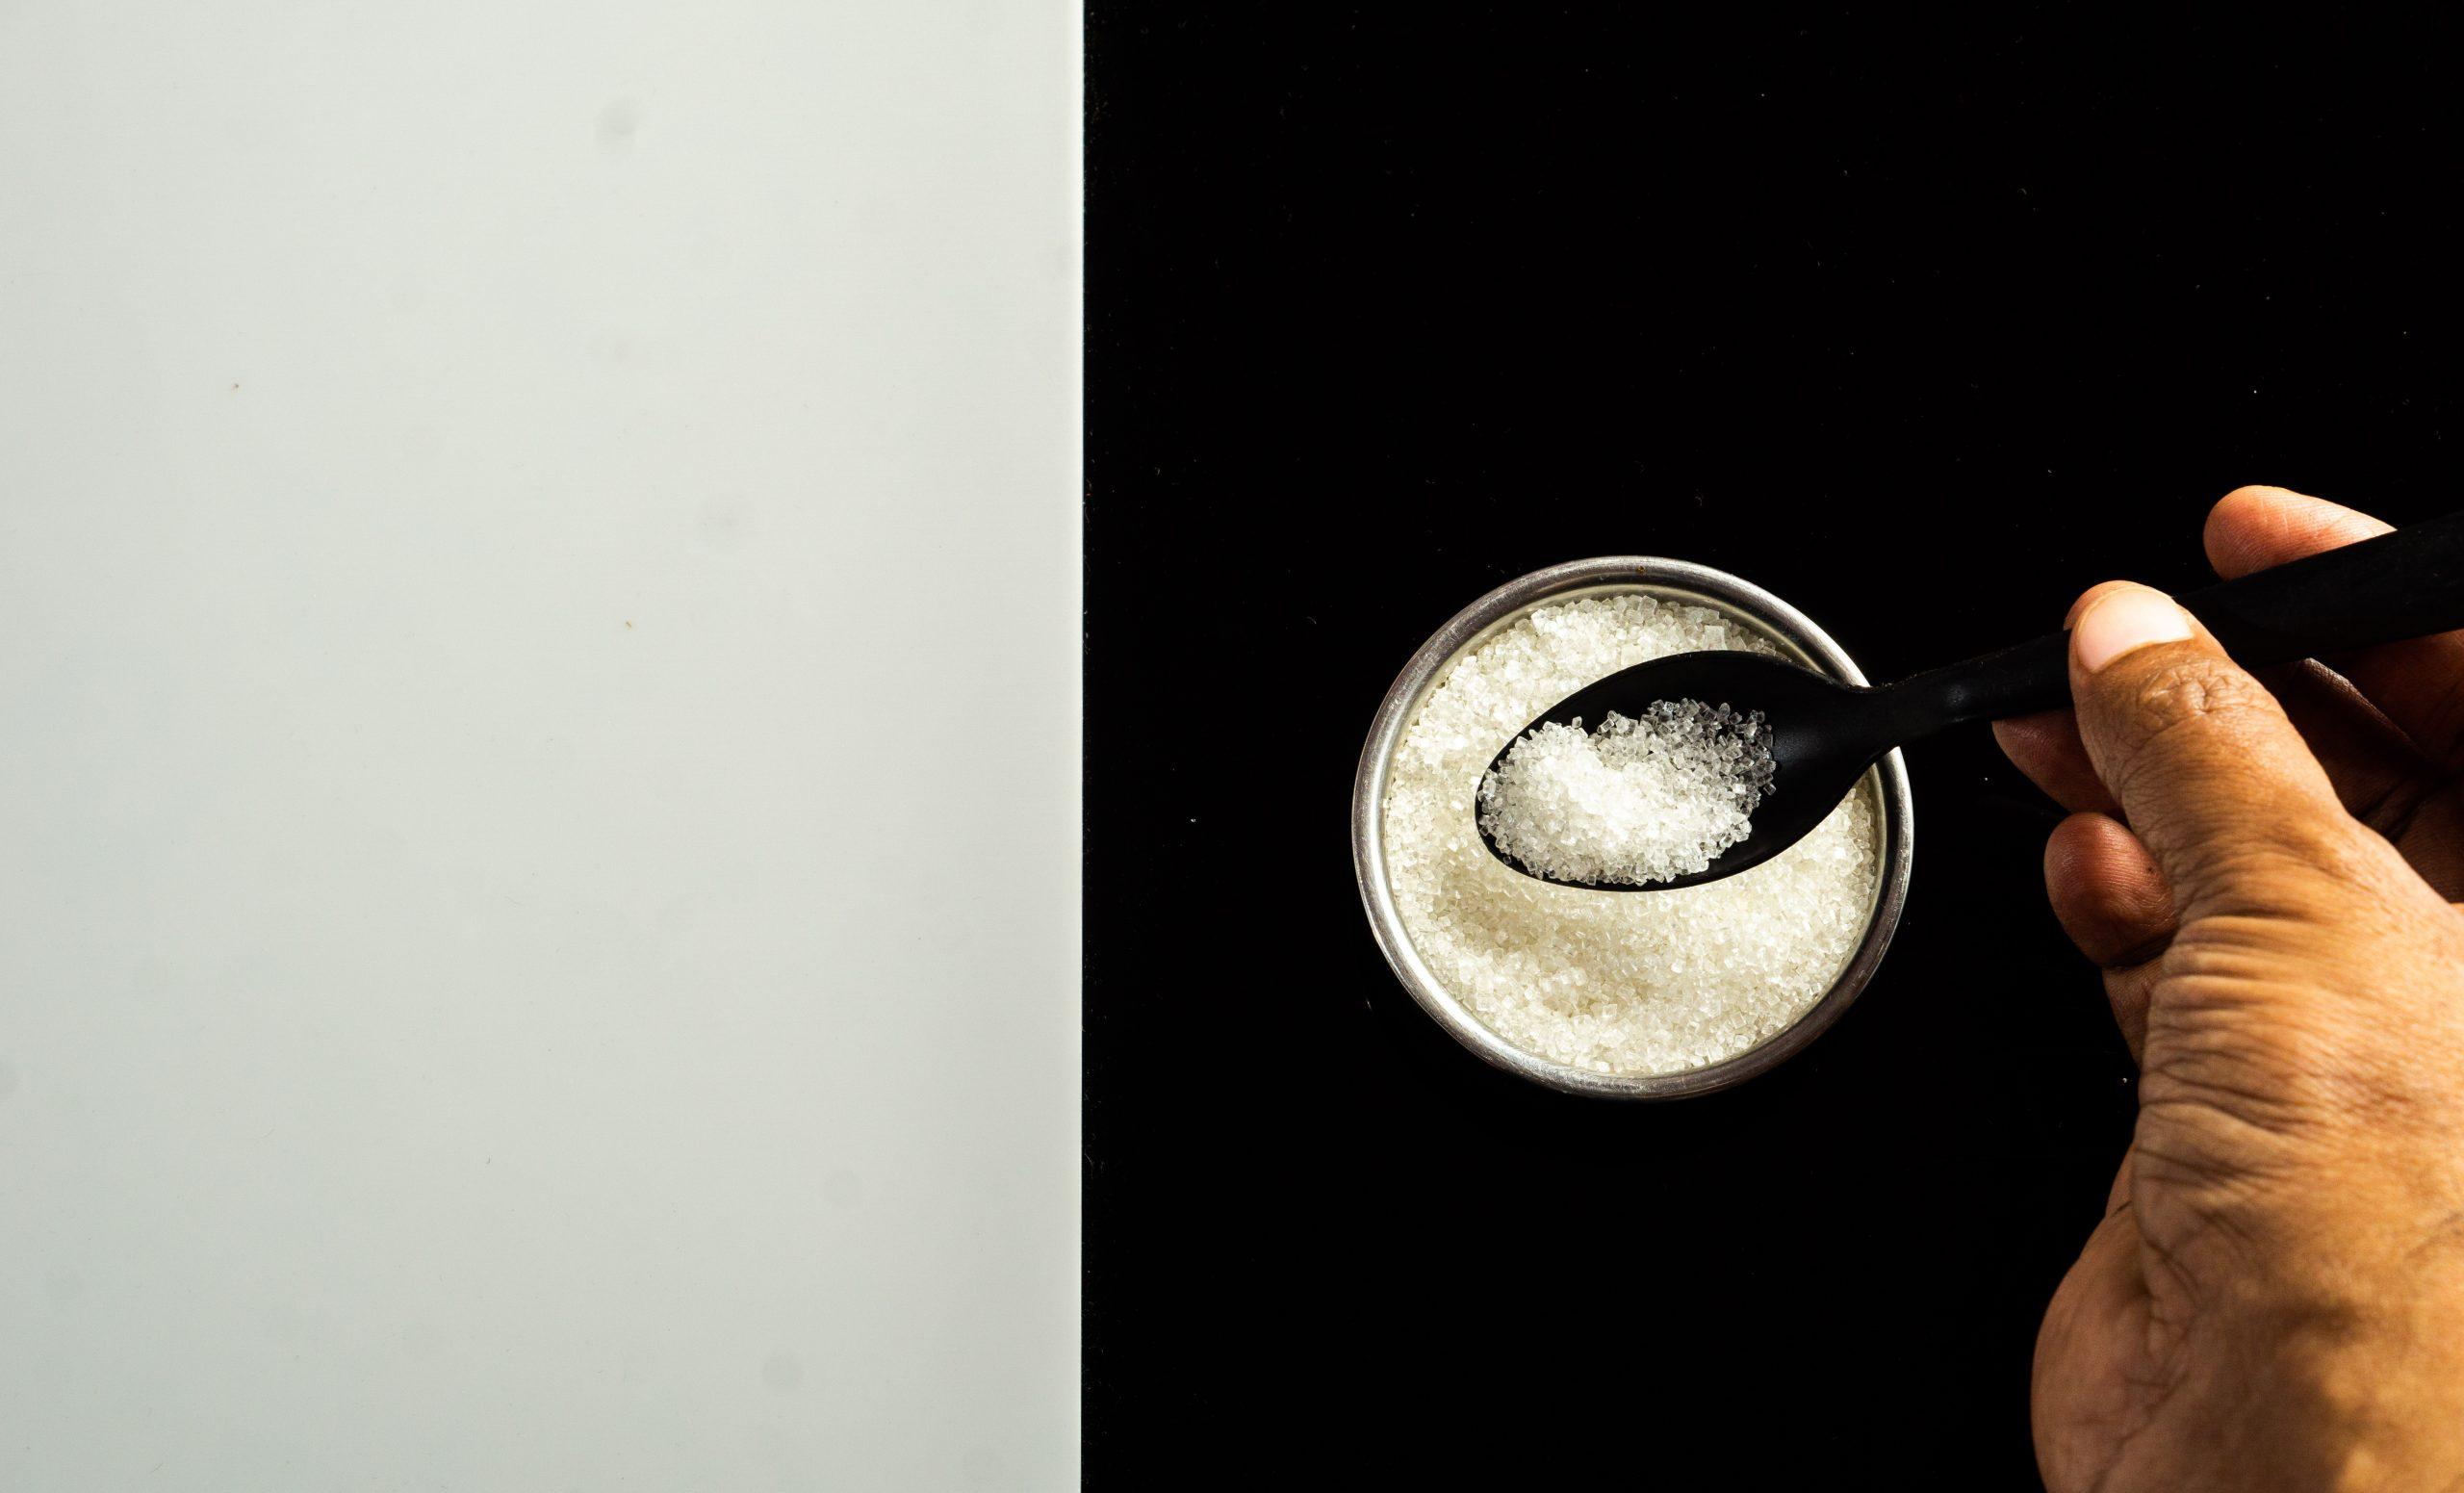 Sugar and teaspoon.